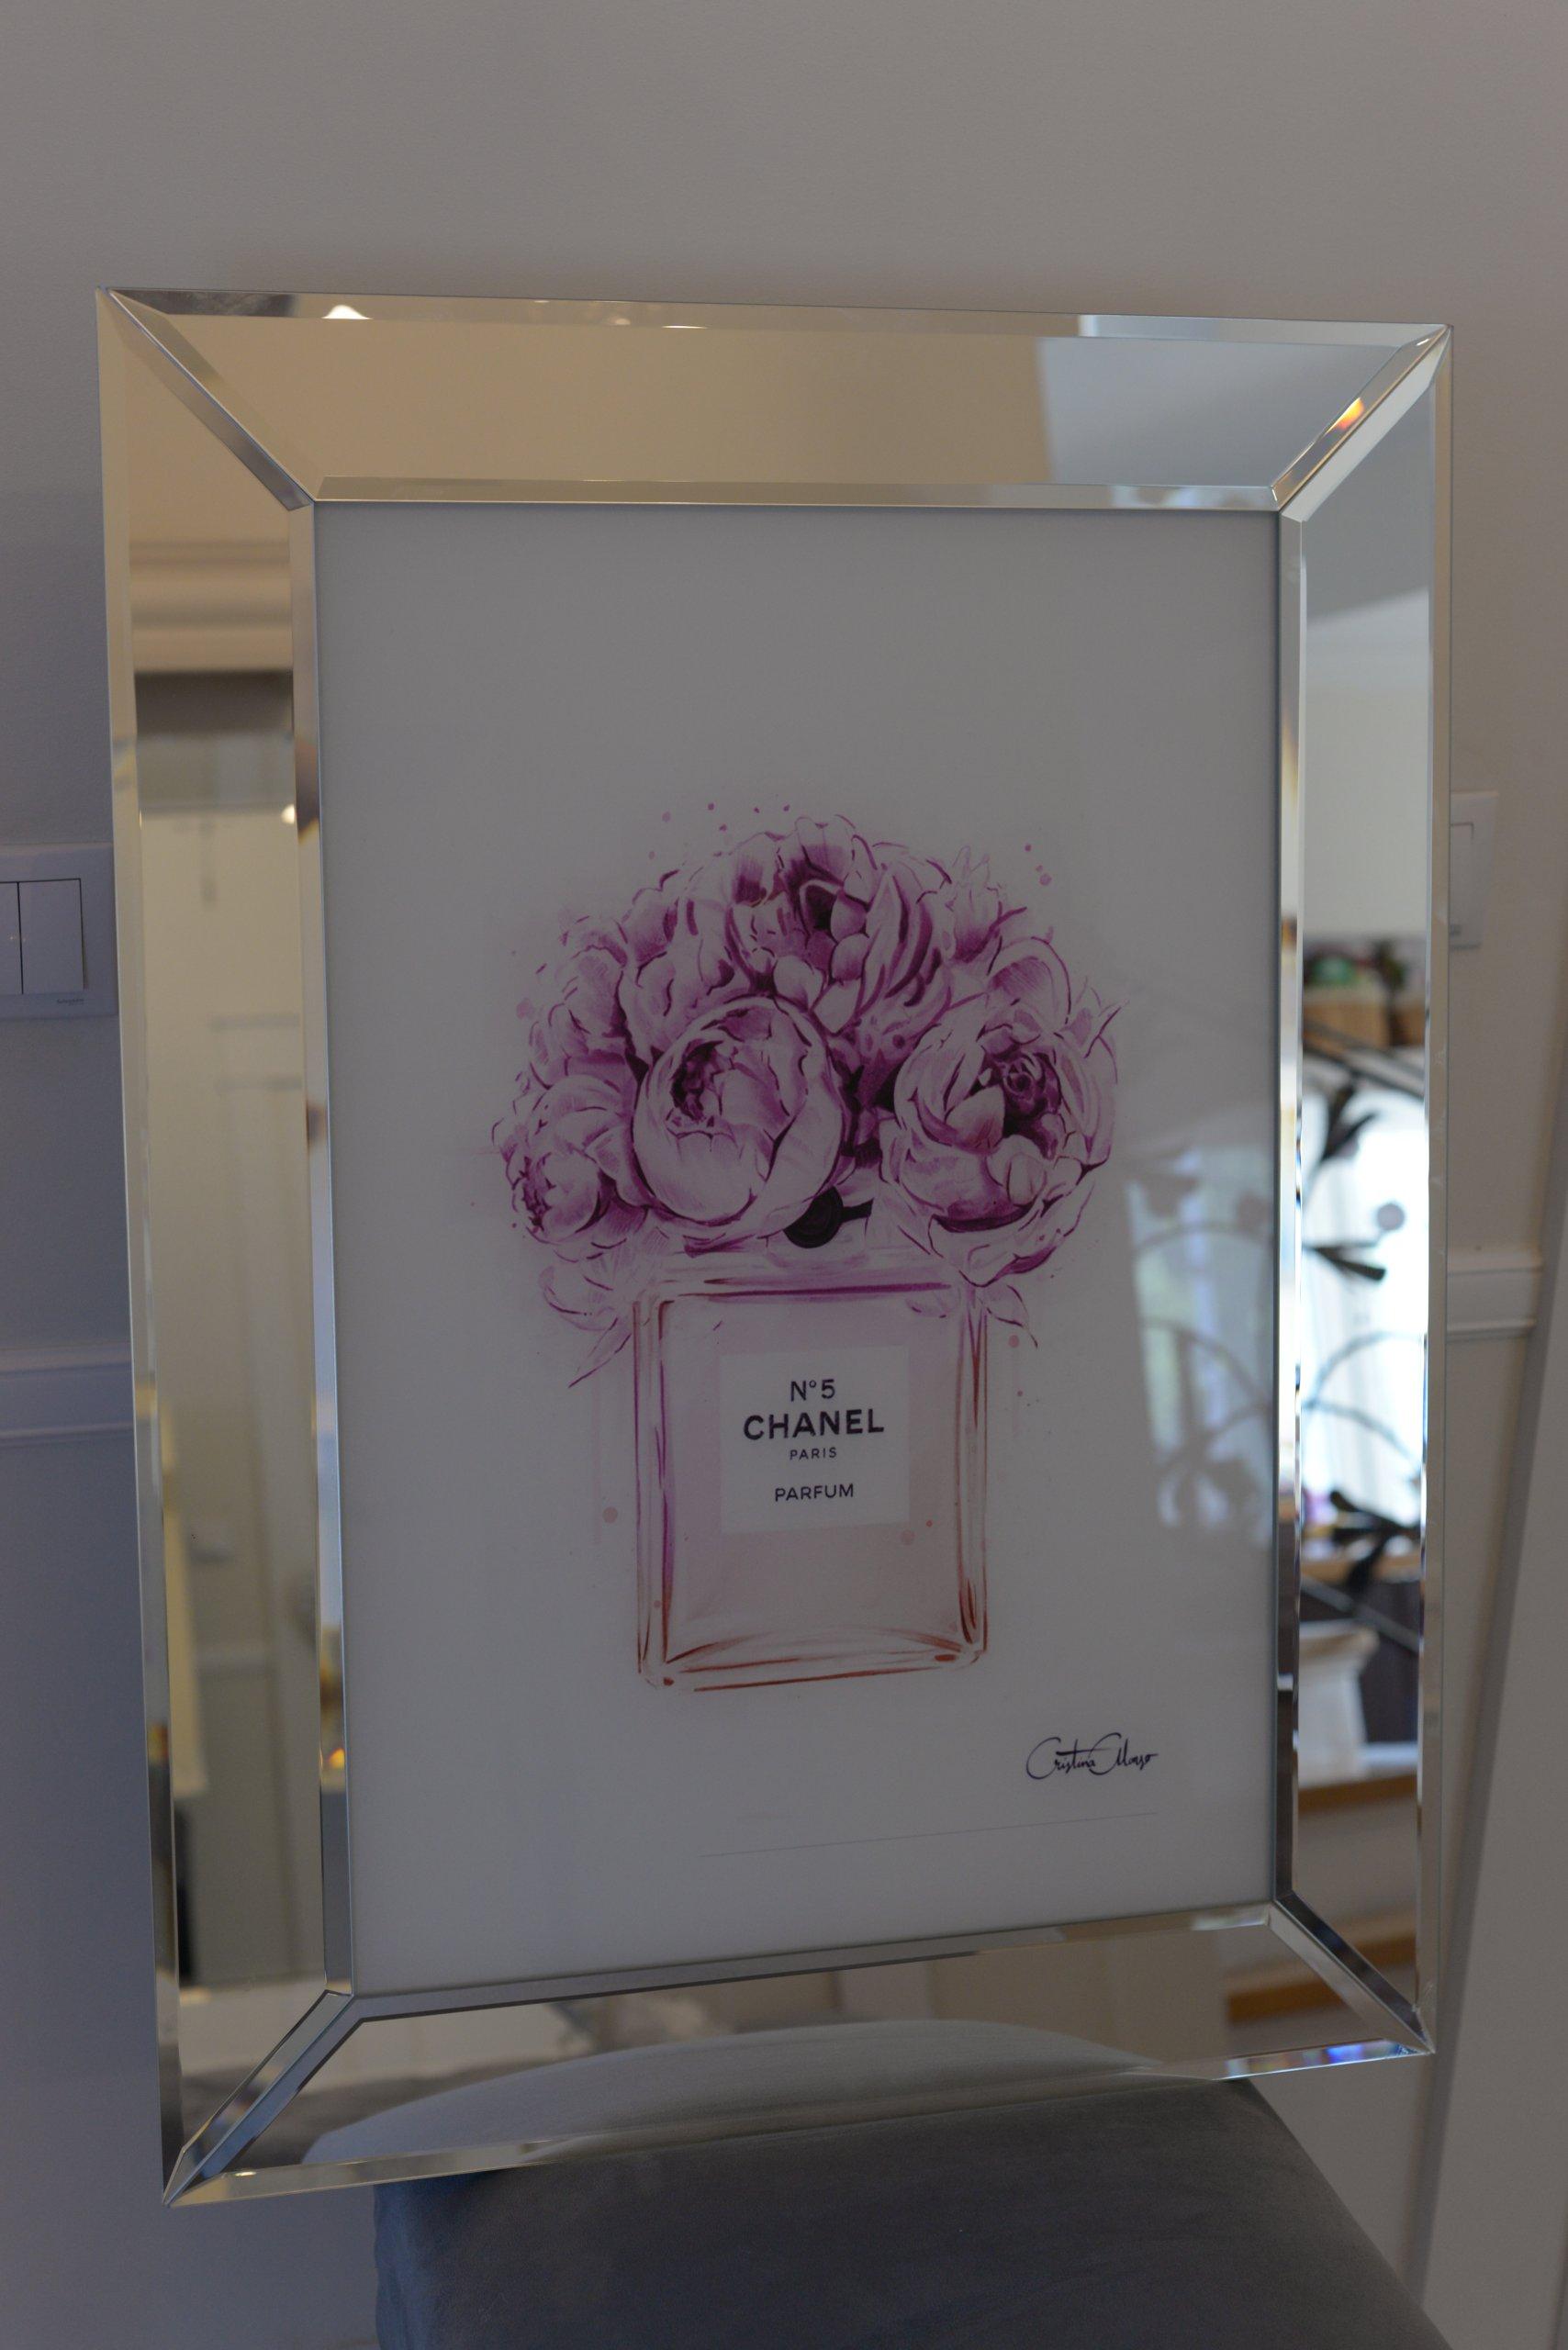 Obraz Chanel W Lustrzanej Ramie 76x56 7331287630 Oficjalne